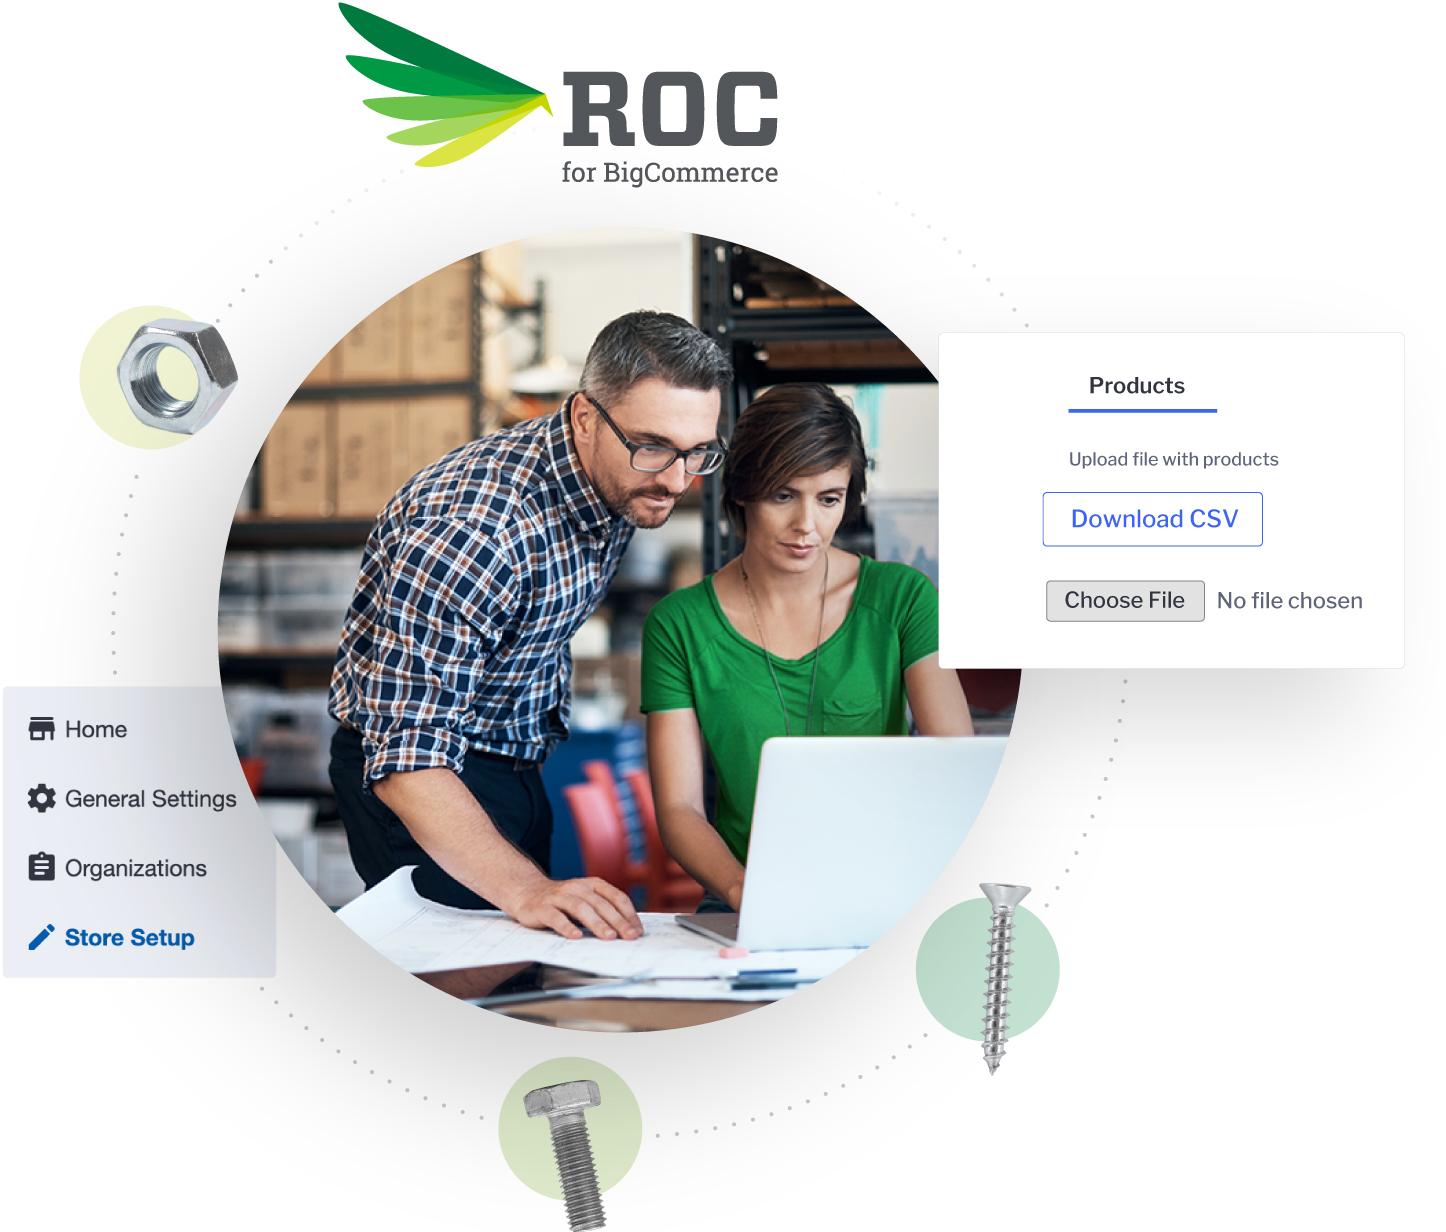 ROC for BigCommerce B2B